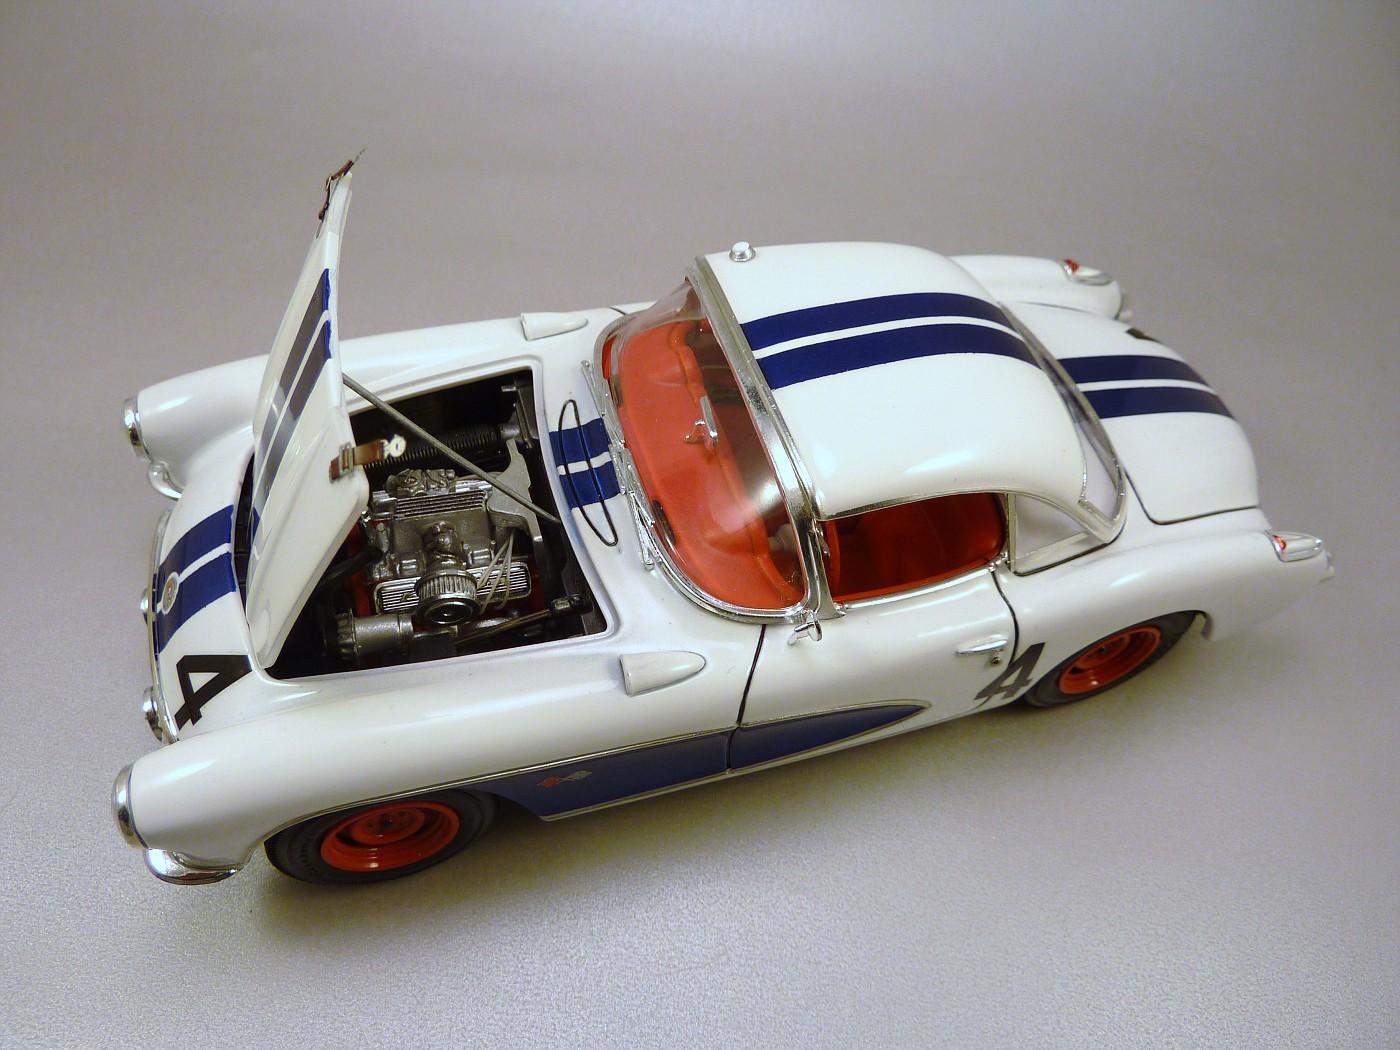 Corvette Sebring 57 terminée  RvetteSebring57DickThompson017-vi